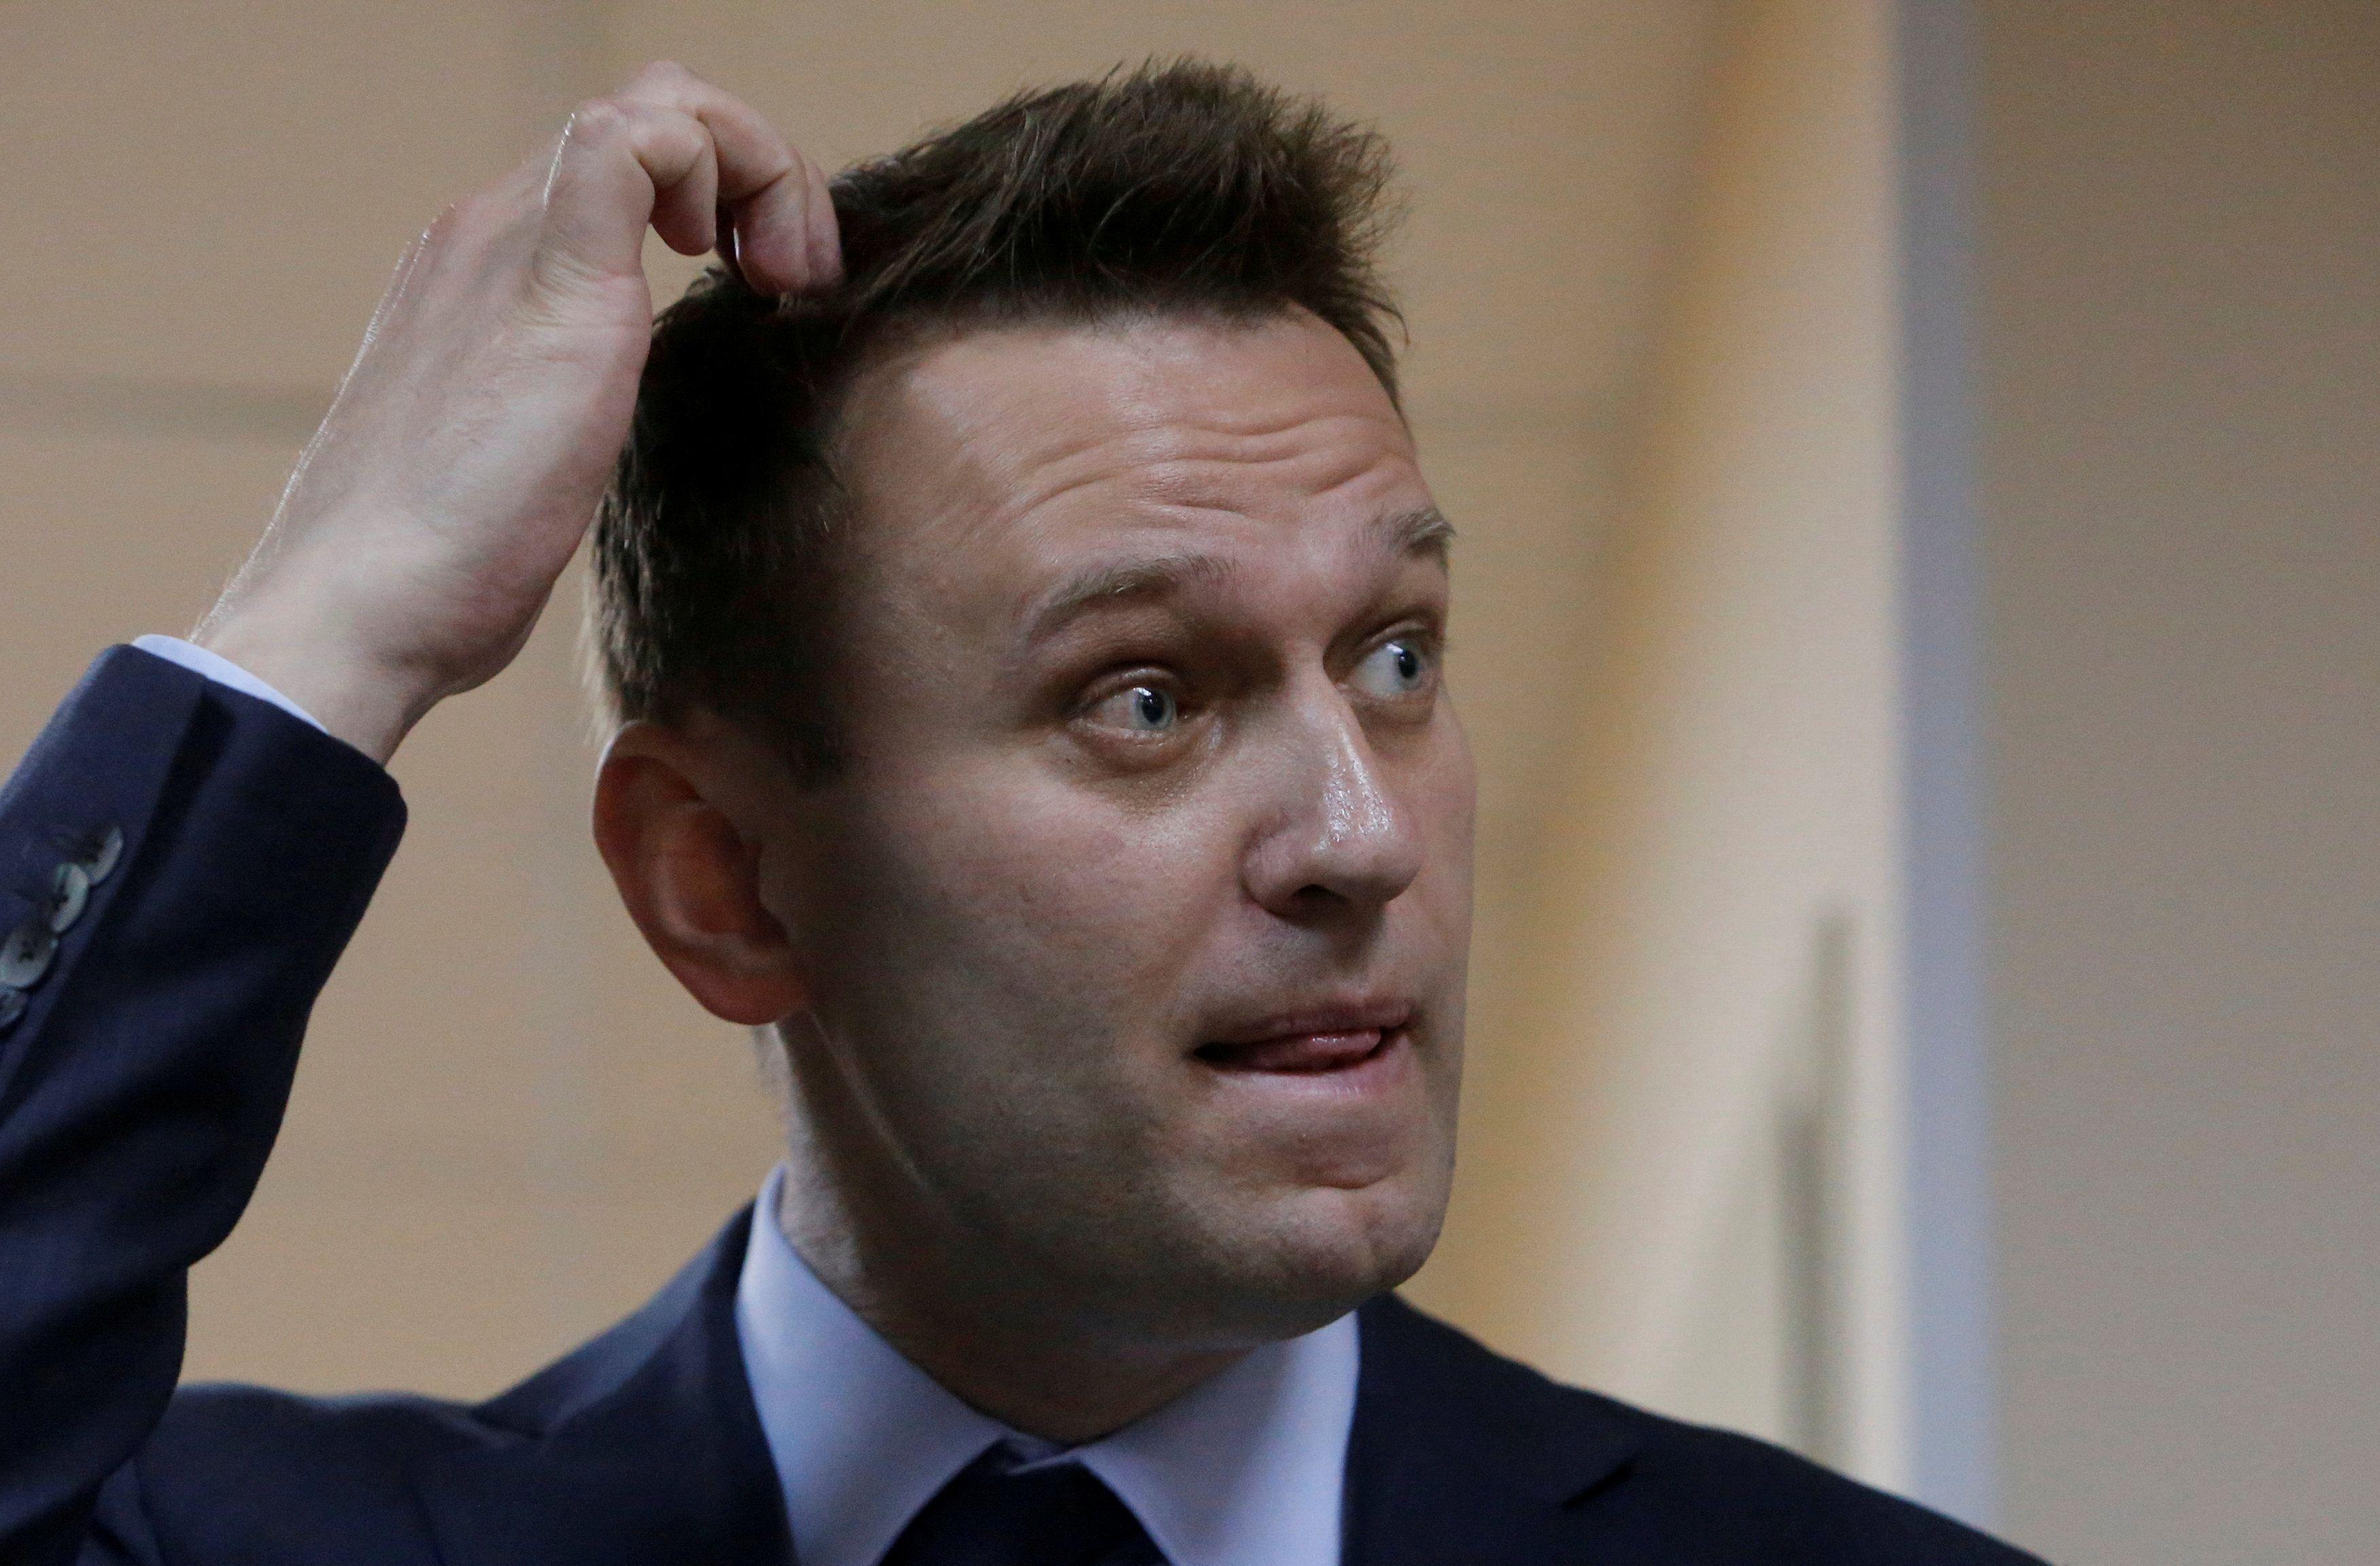 По информации пресс-секретаря, Навального задерживали пять омоновцев